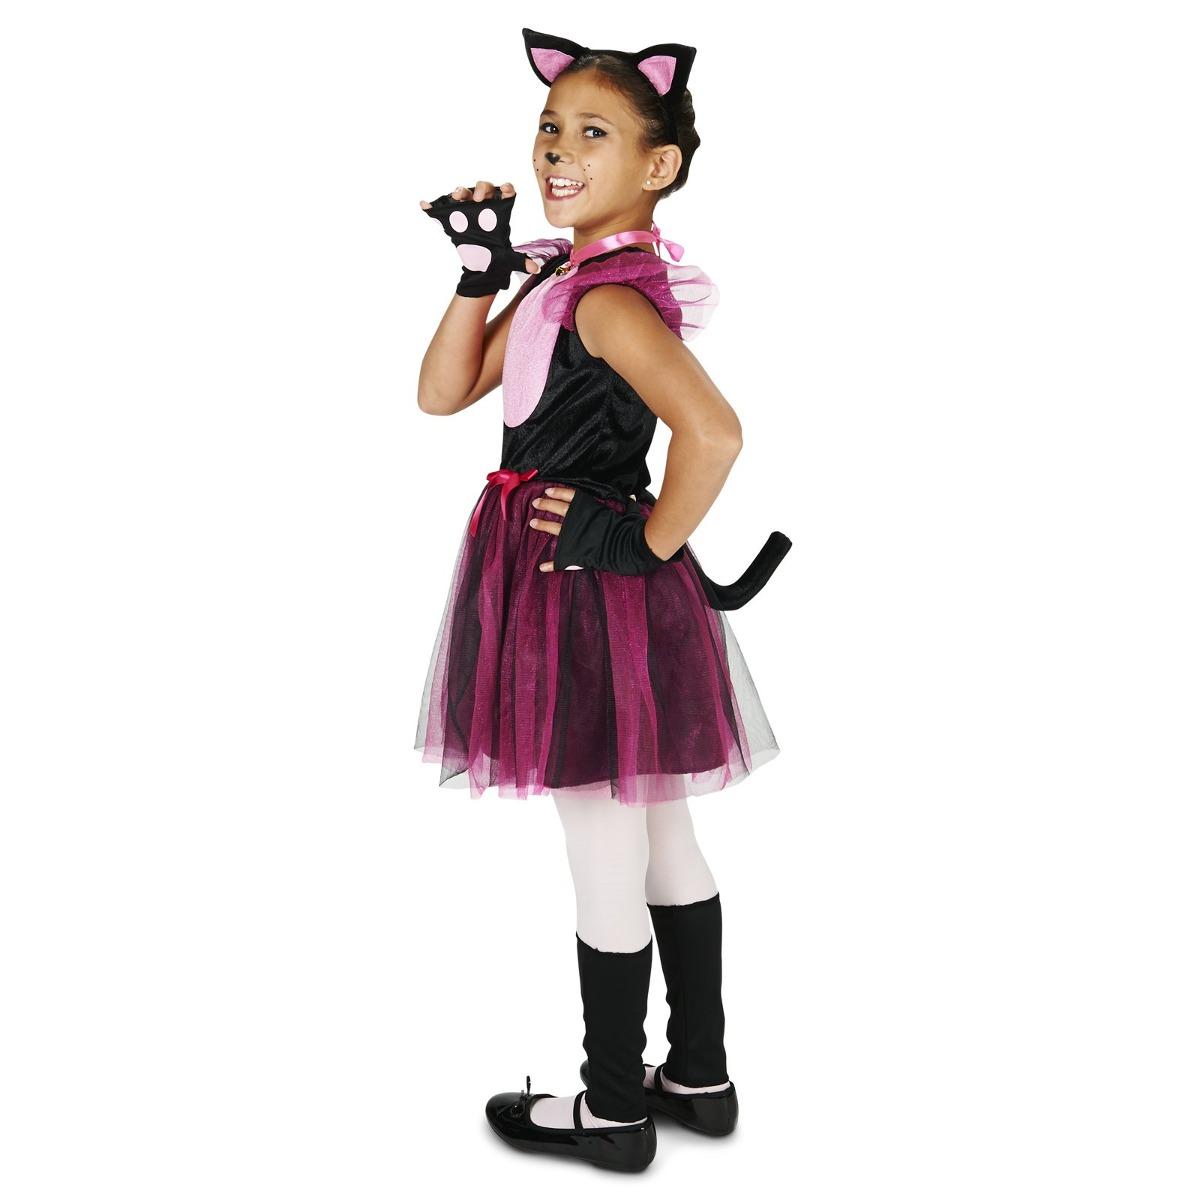 Disfraz Para Nia Gato Halloween 6807 en Mercado Libre